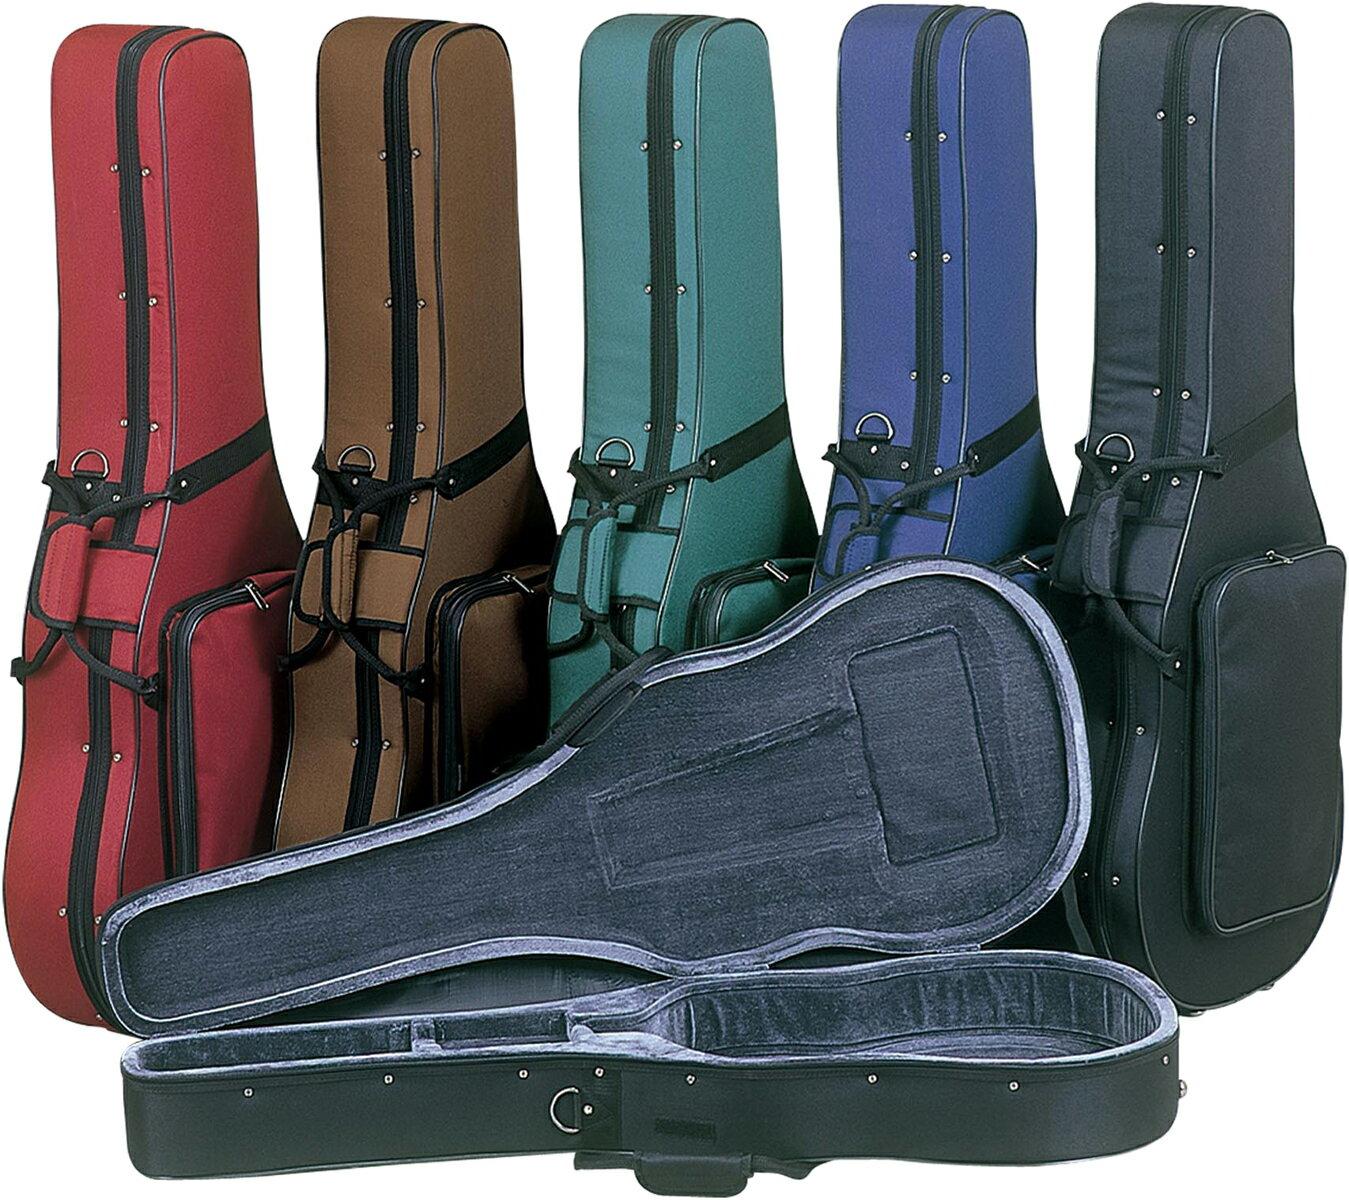 クラシックギターセミハードケースリュックタイプストラップ付き型抜きおすすめ楽器カバー軽量おすすめギタ